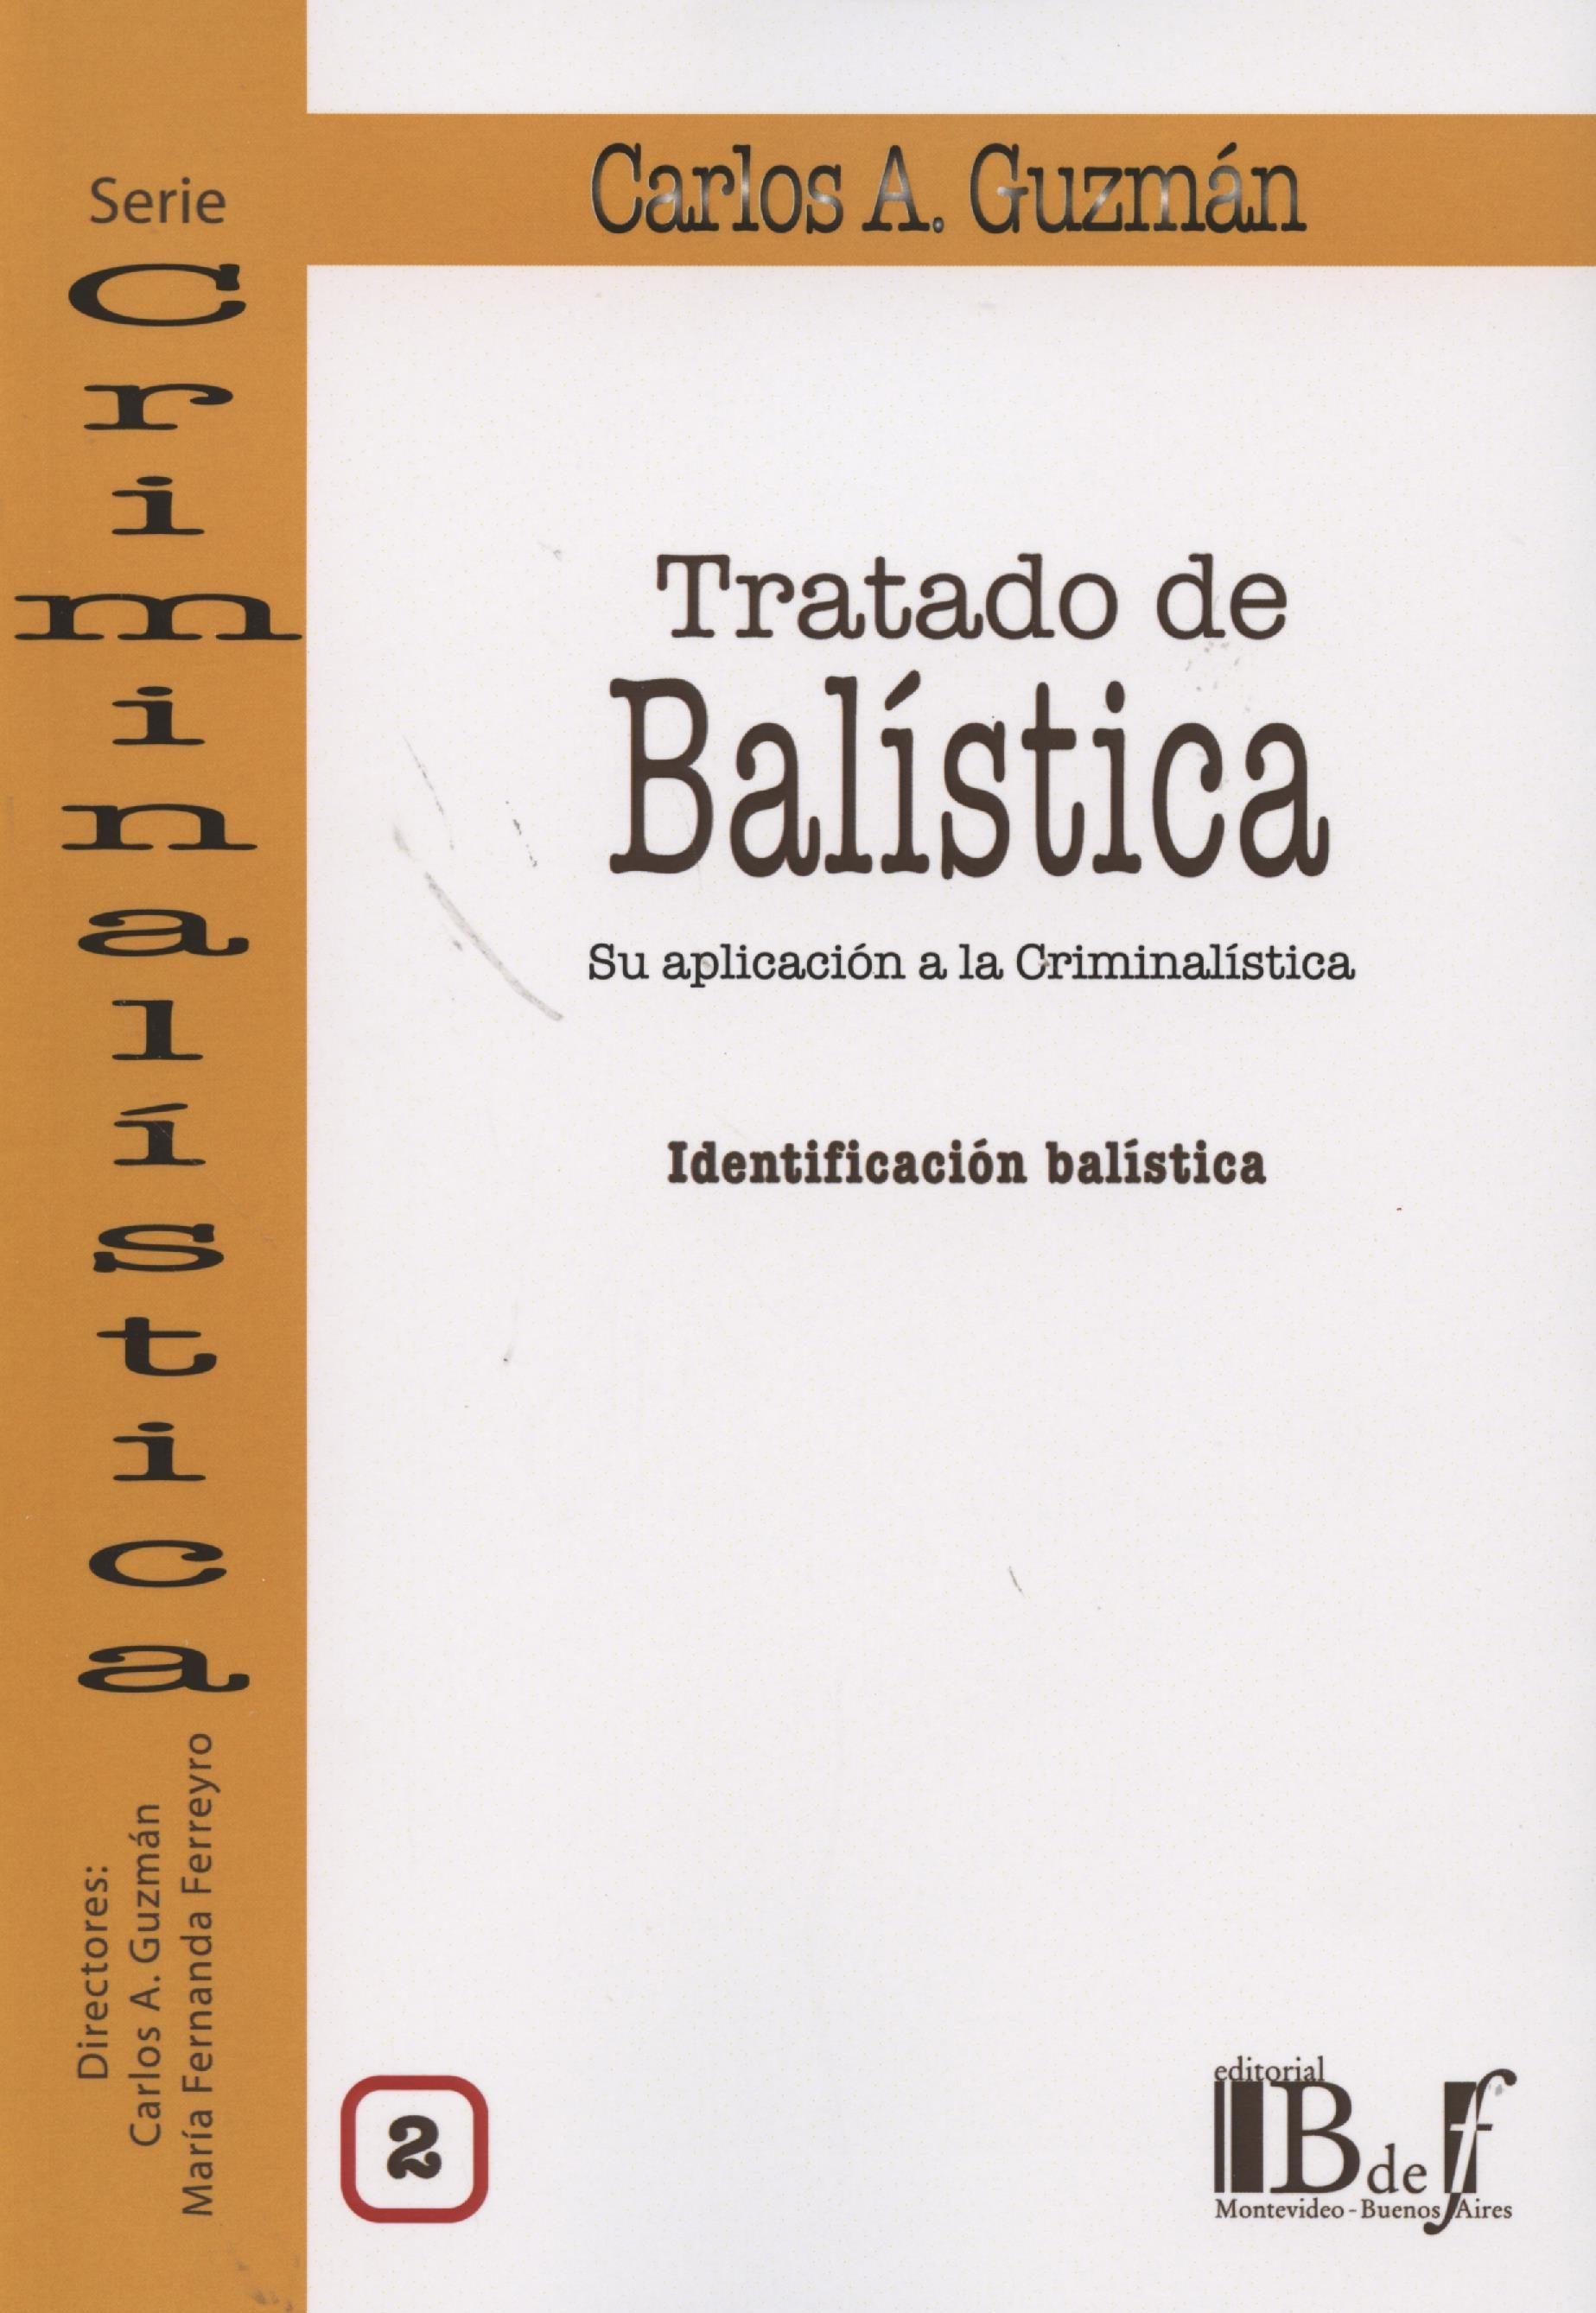 Tratado De Balistica, Ii por Carlos A. Guzman